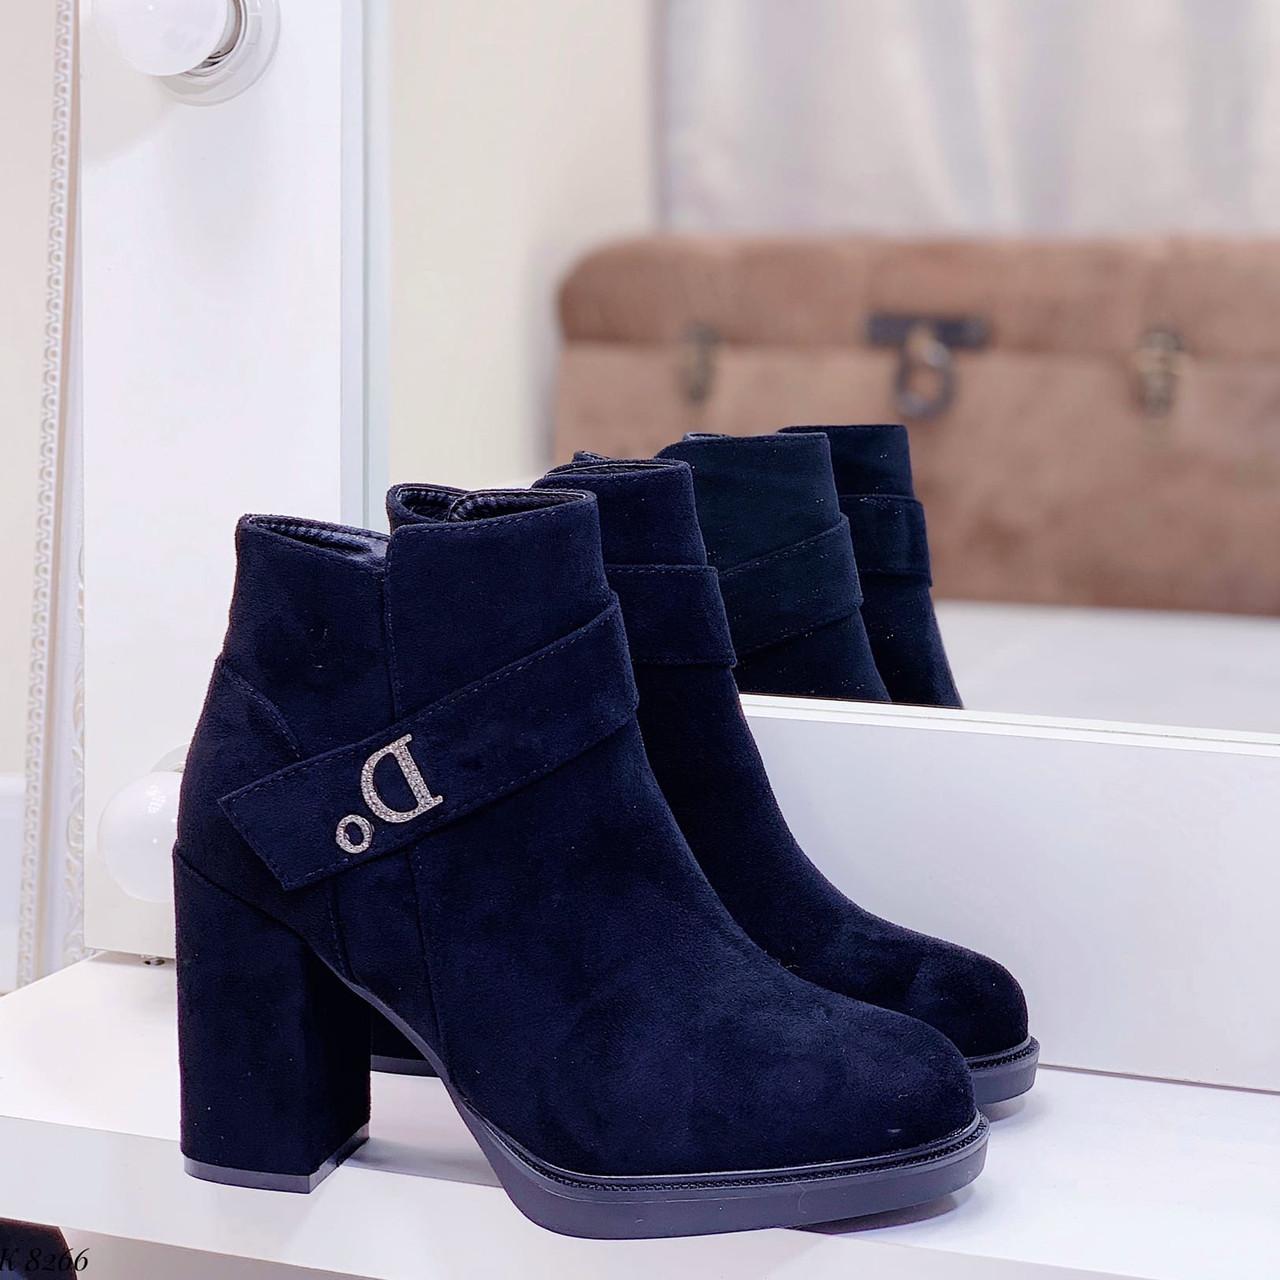 36р. Ботинки женские деми черные замшевые на высоком каблуке демисезонные из искусственной замши черного цвета